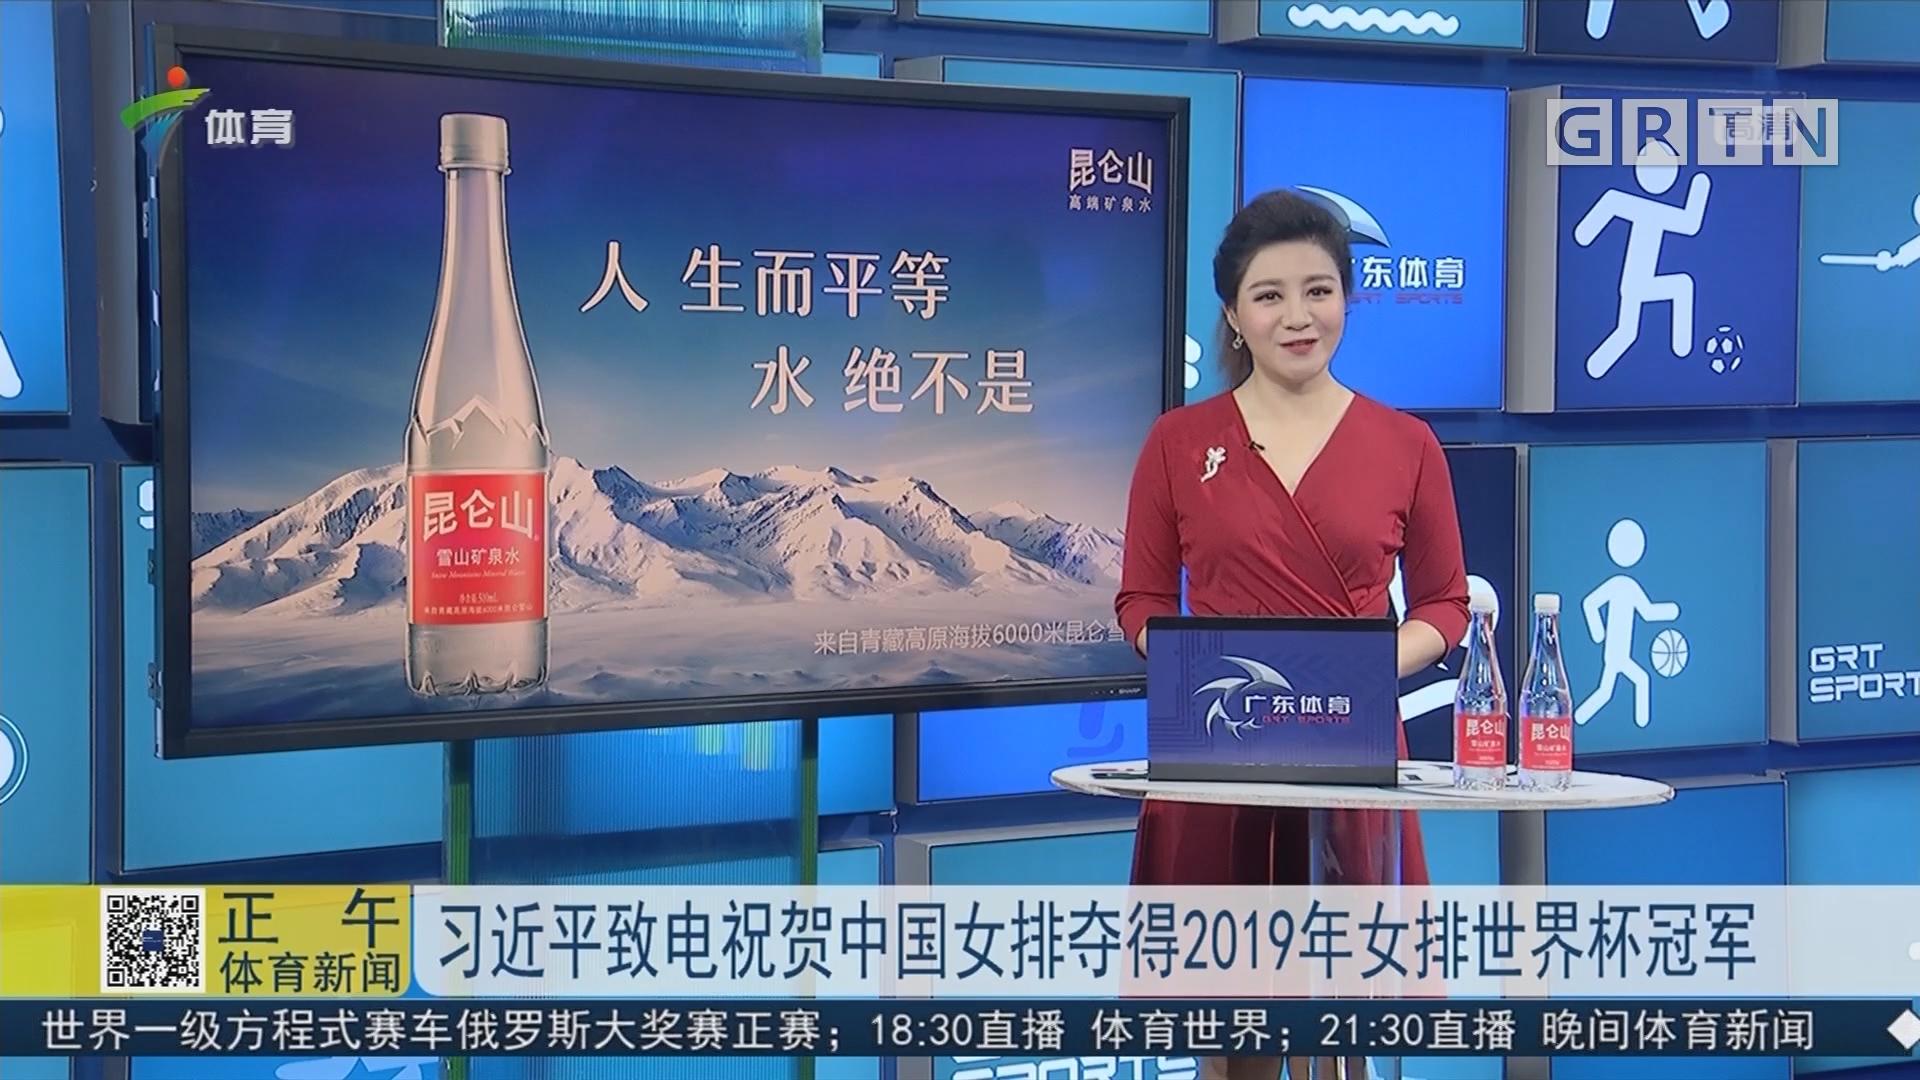 习近平致贺电祝贺中国女排夺得2019年女排世界杯冠军